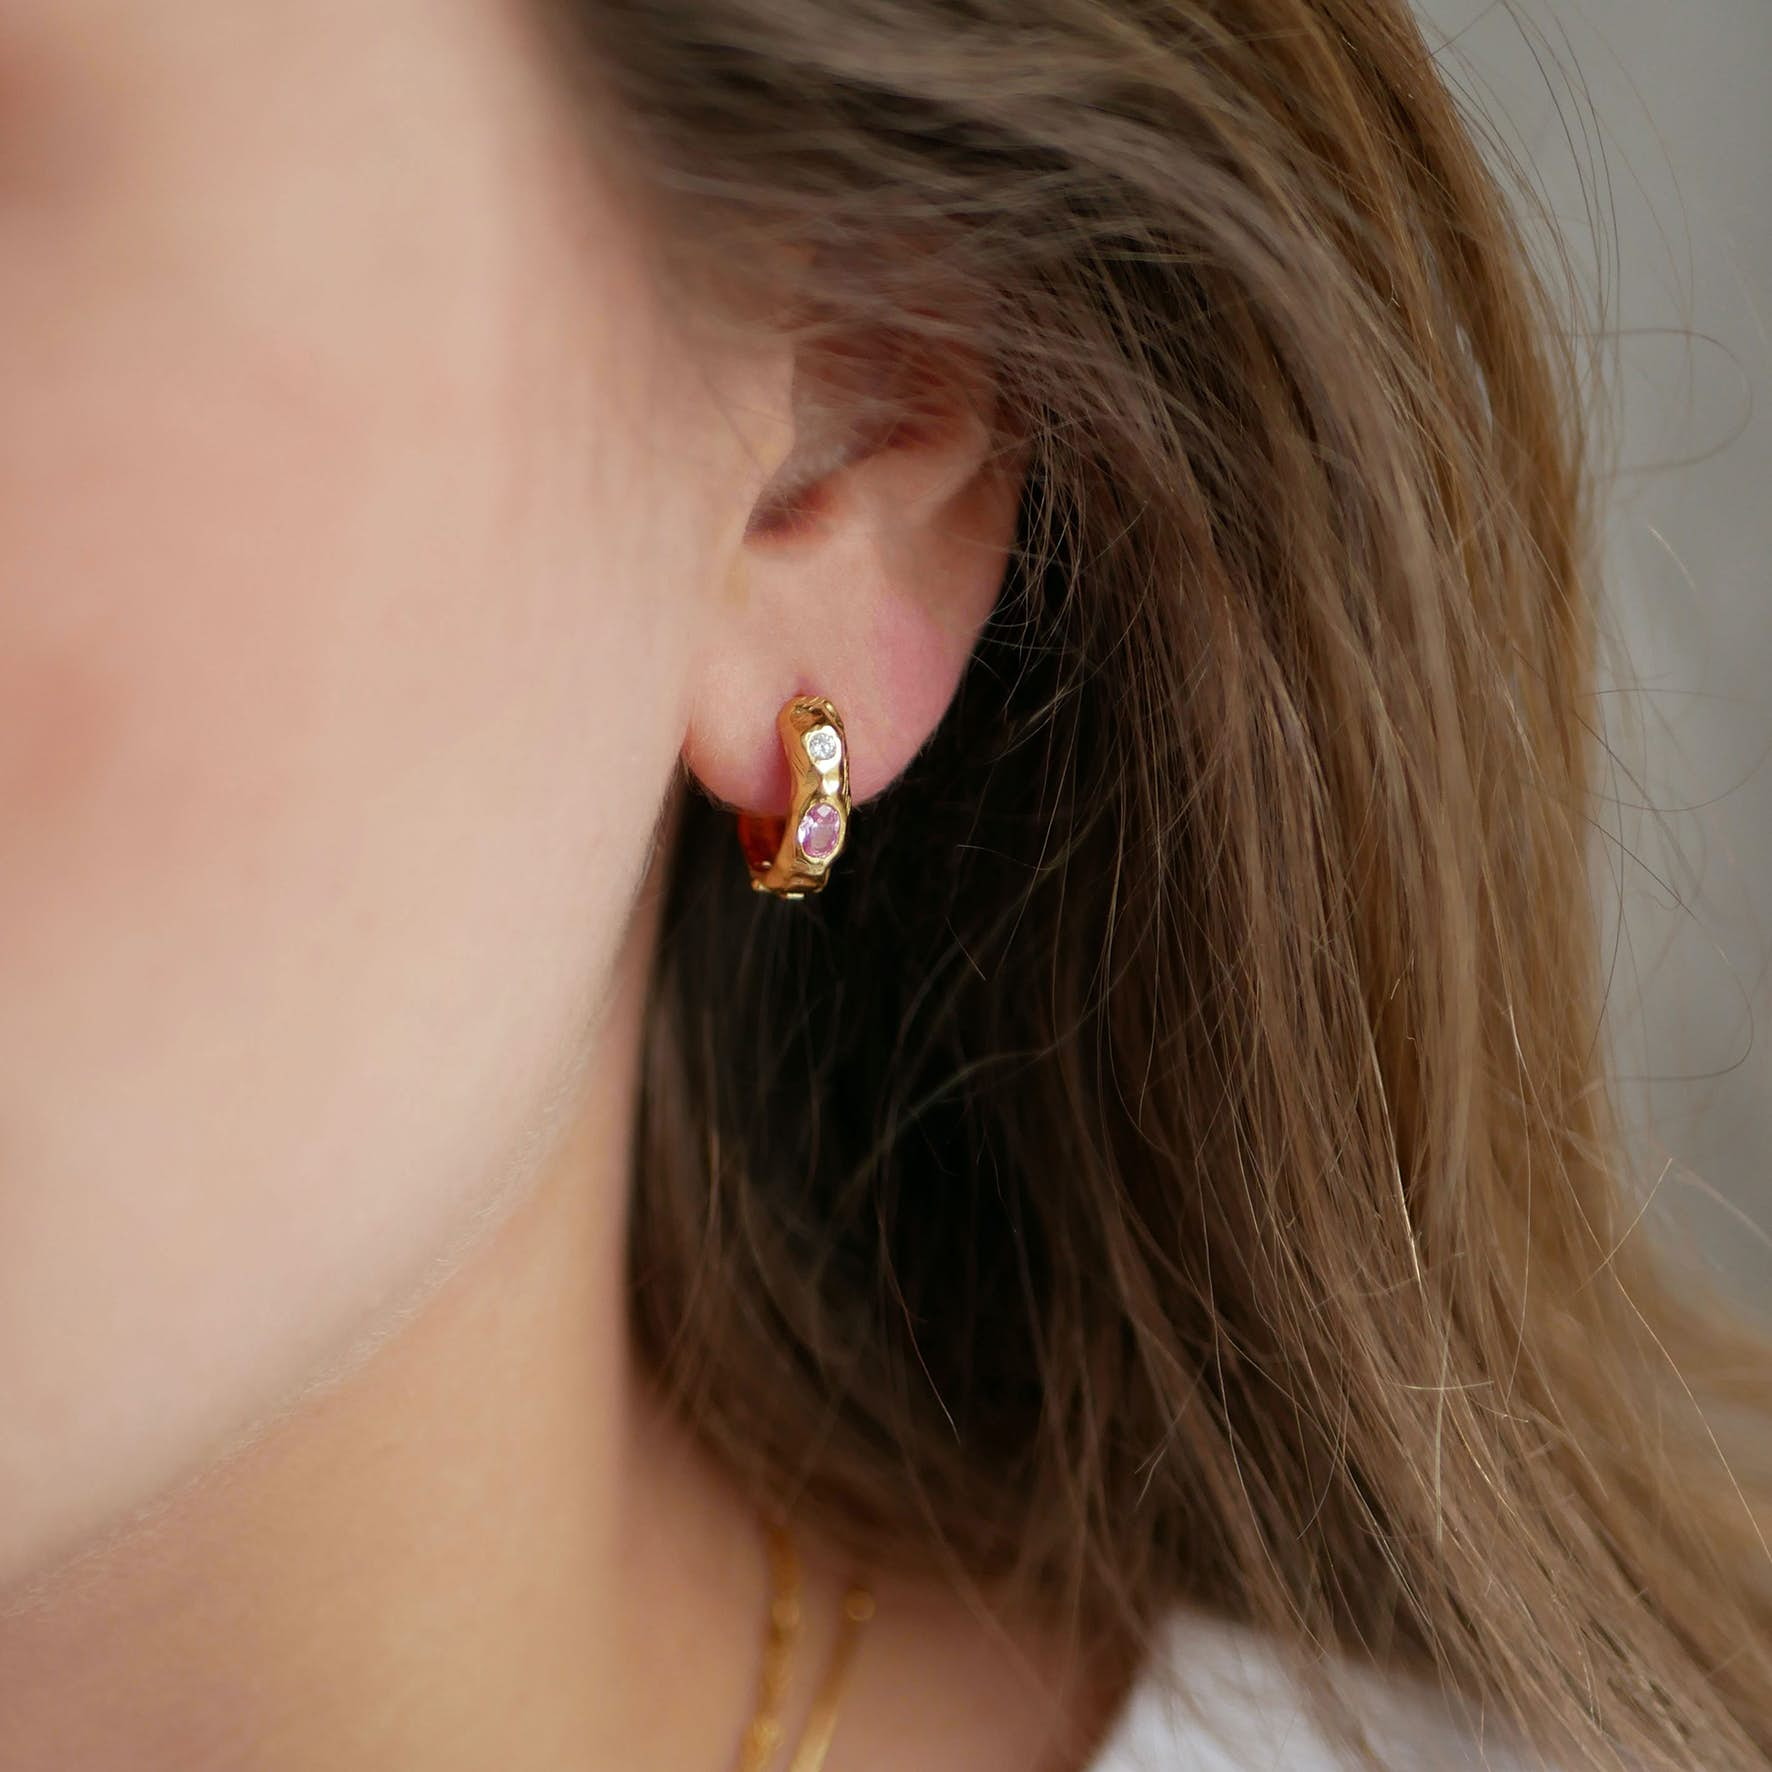 Leonora Pink Hoops fra Enamel Copenhagen i Forgyldt-Sølv Sterling 925